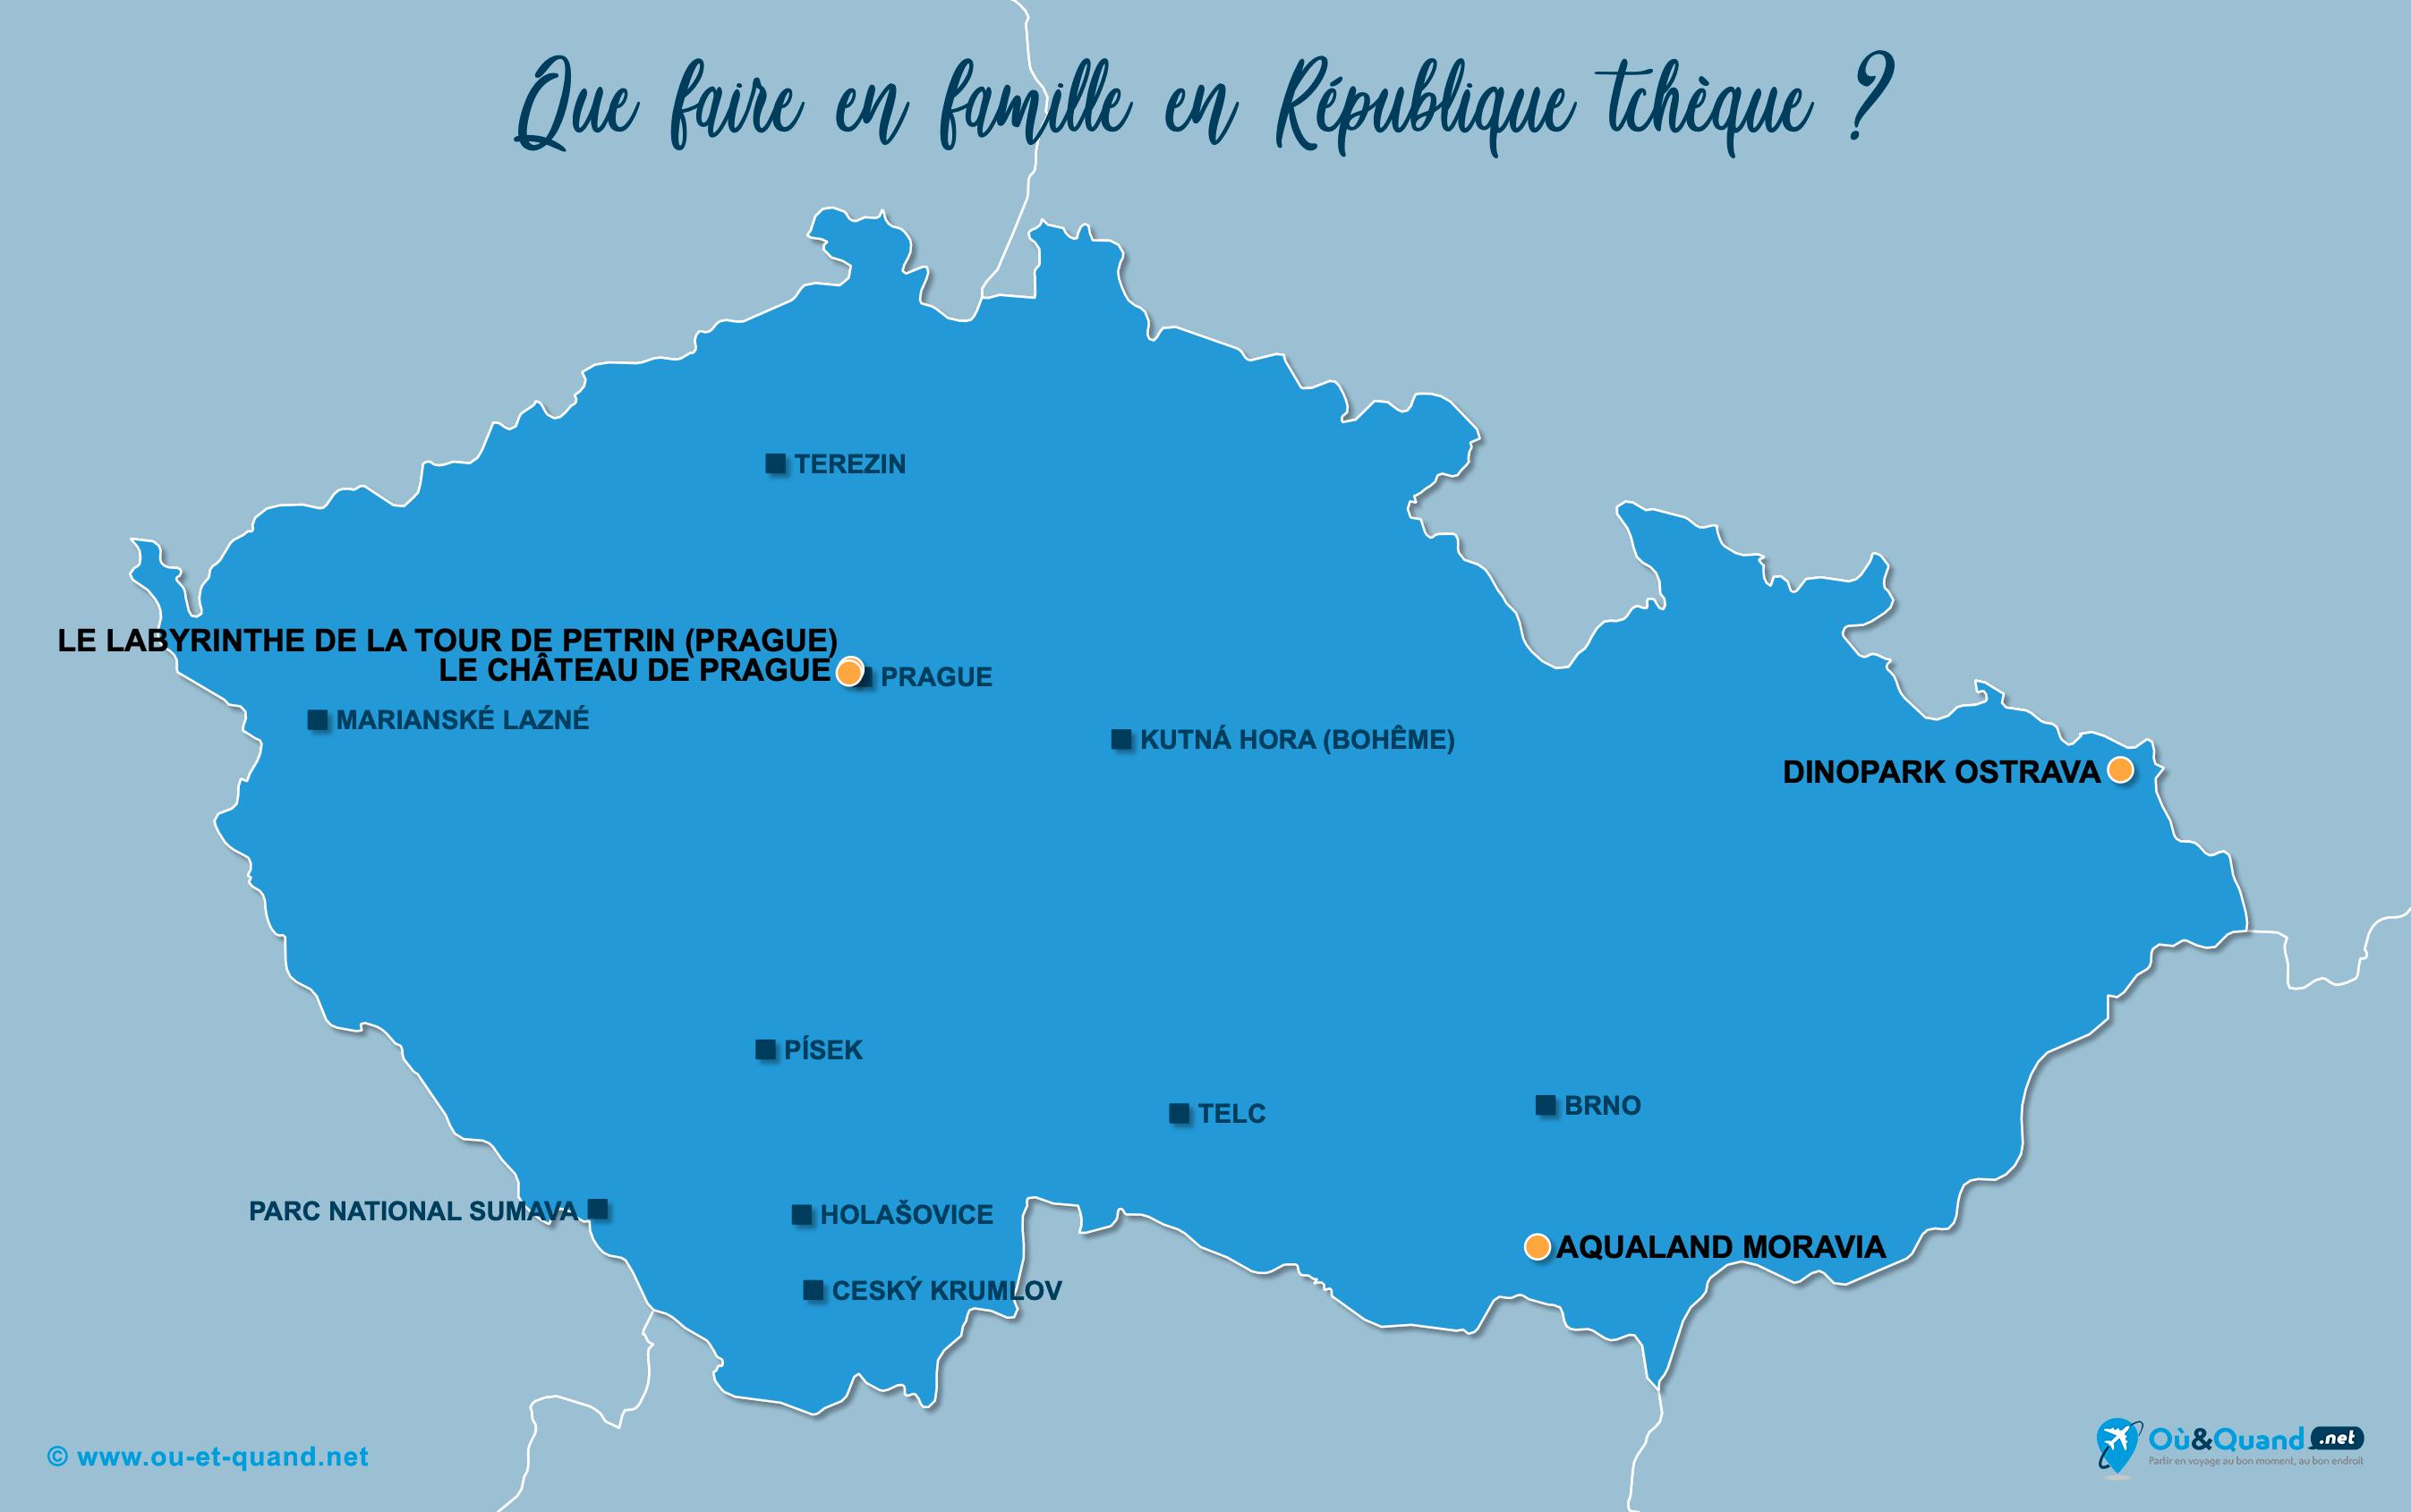 Carte République tchèque : La République tchèque en famille